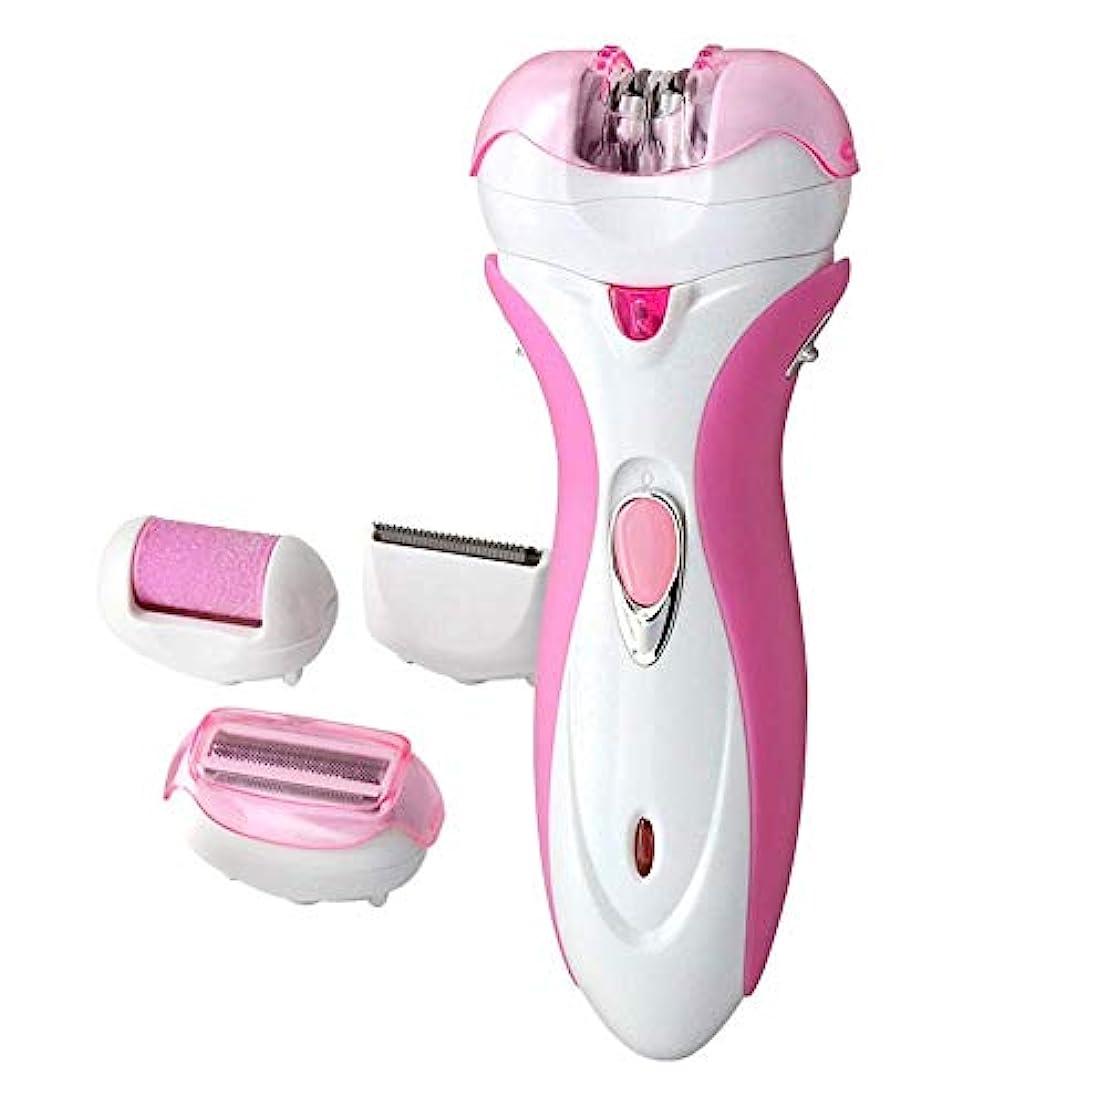 世界禁止マーチャンダイジング女性のための電気かみそり、脚脇の下やビキニラインのウェットドライ利用ビキニトリマーのための安全ロック無痛体毛リムーバーで1レディース電気シェーバーで4